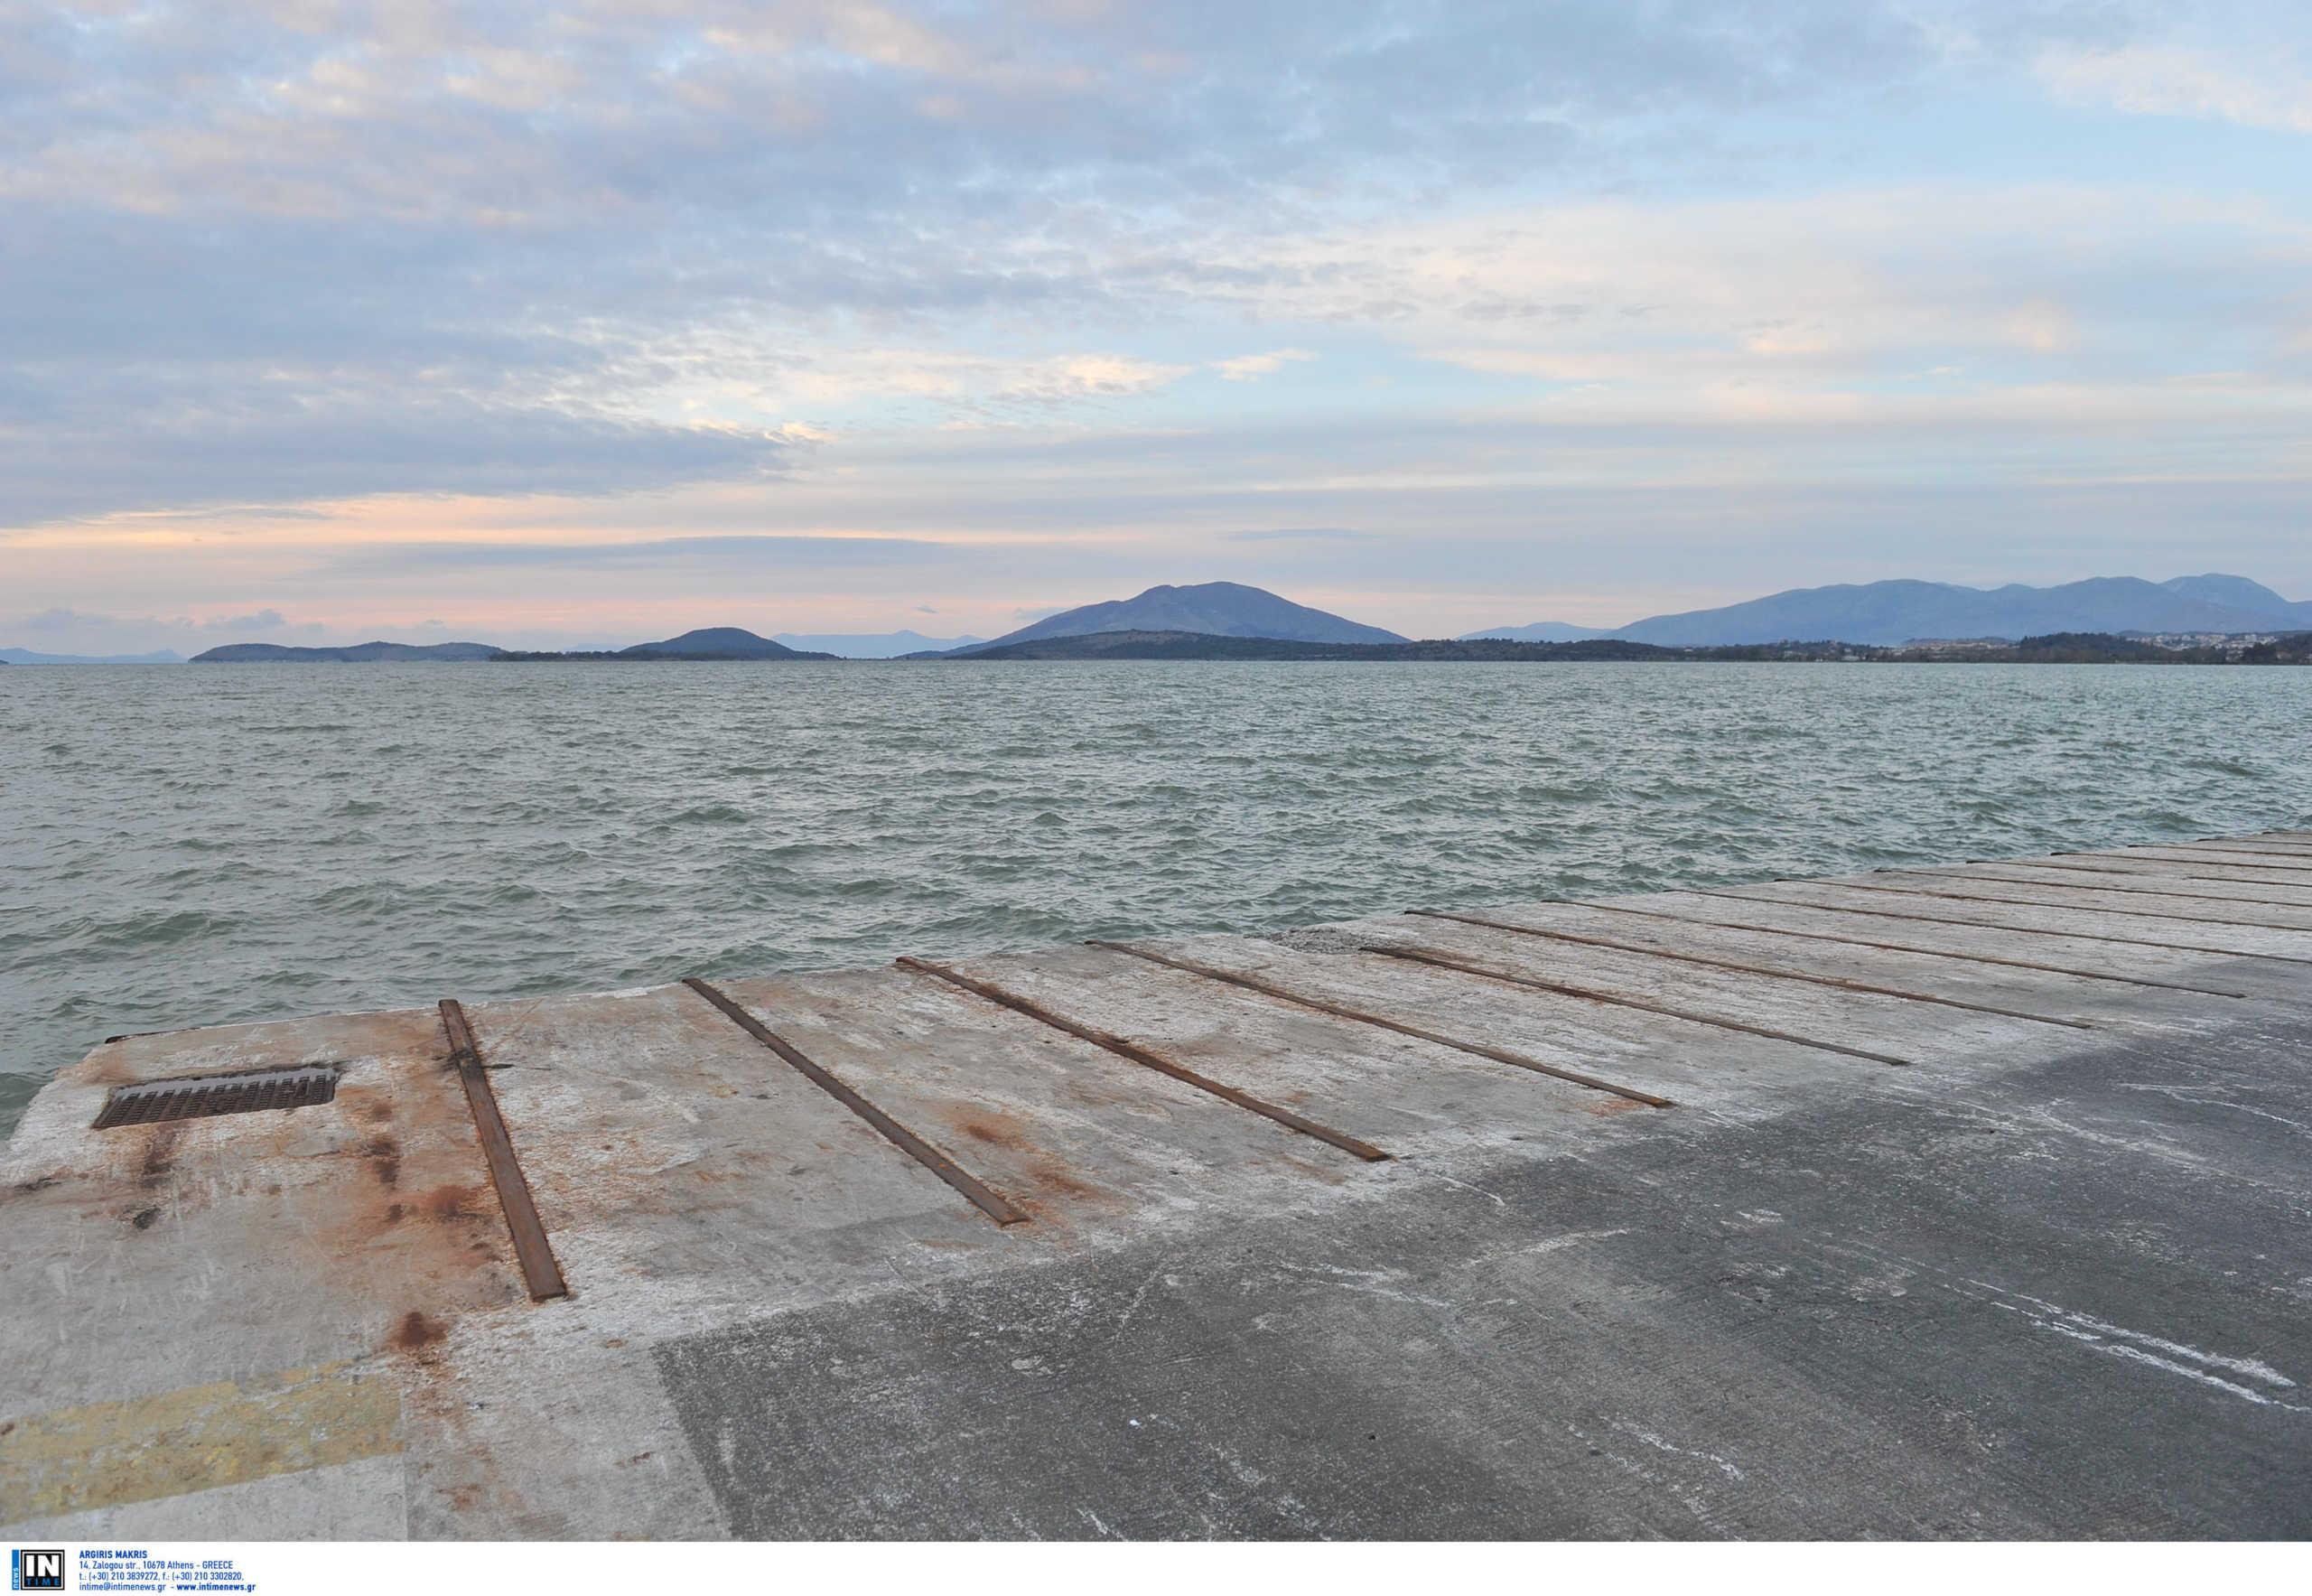 Κορονοϊός: Έφτασε στην Ηγουμενίτσα το πλοίο που μετέφερε Έλληνες φοιτητές και εργαζόμενους από την Ανκόνα!